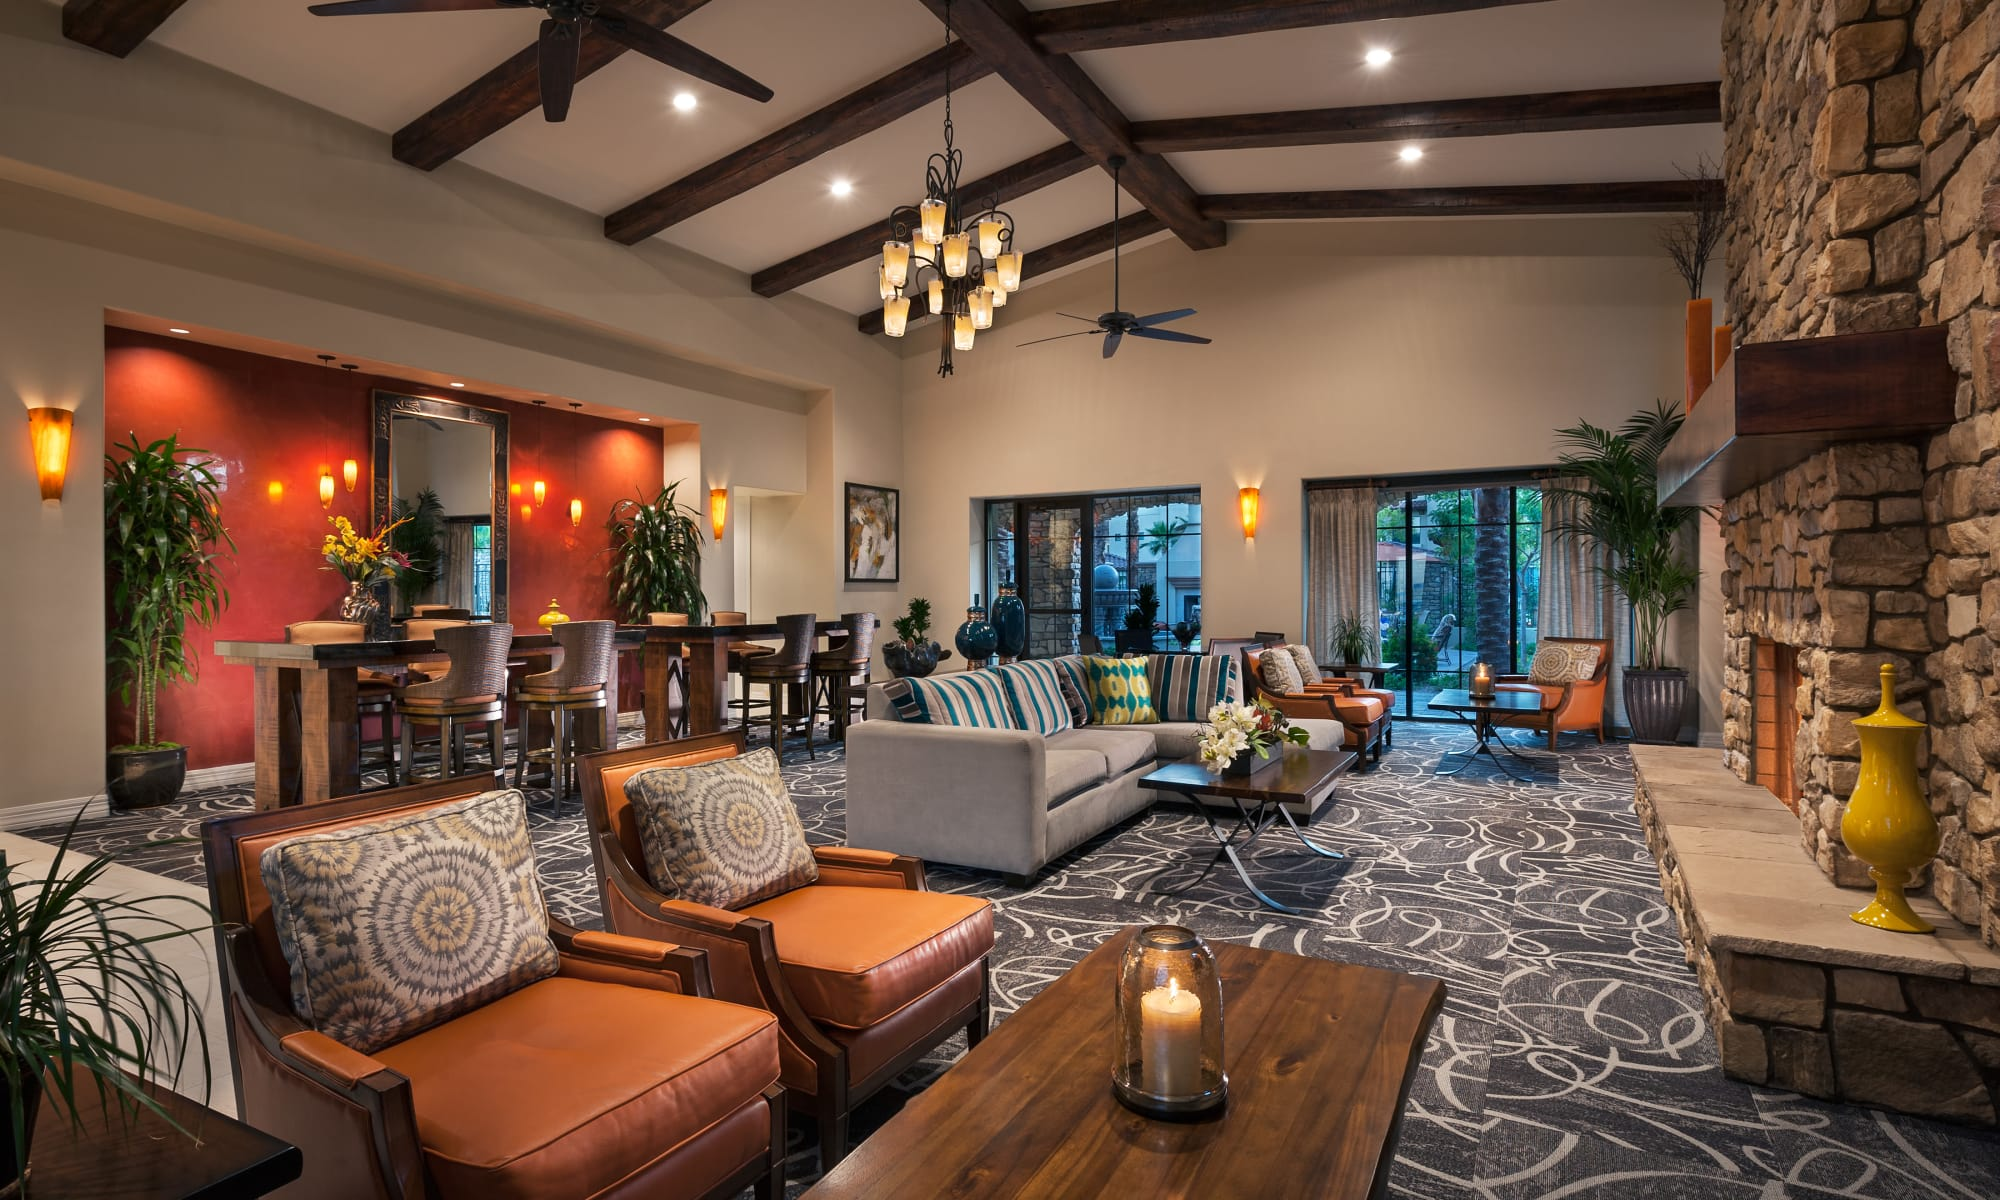 Apartments in Chandler, Arizona at San Valencia